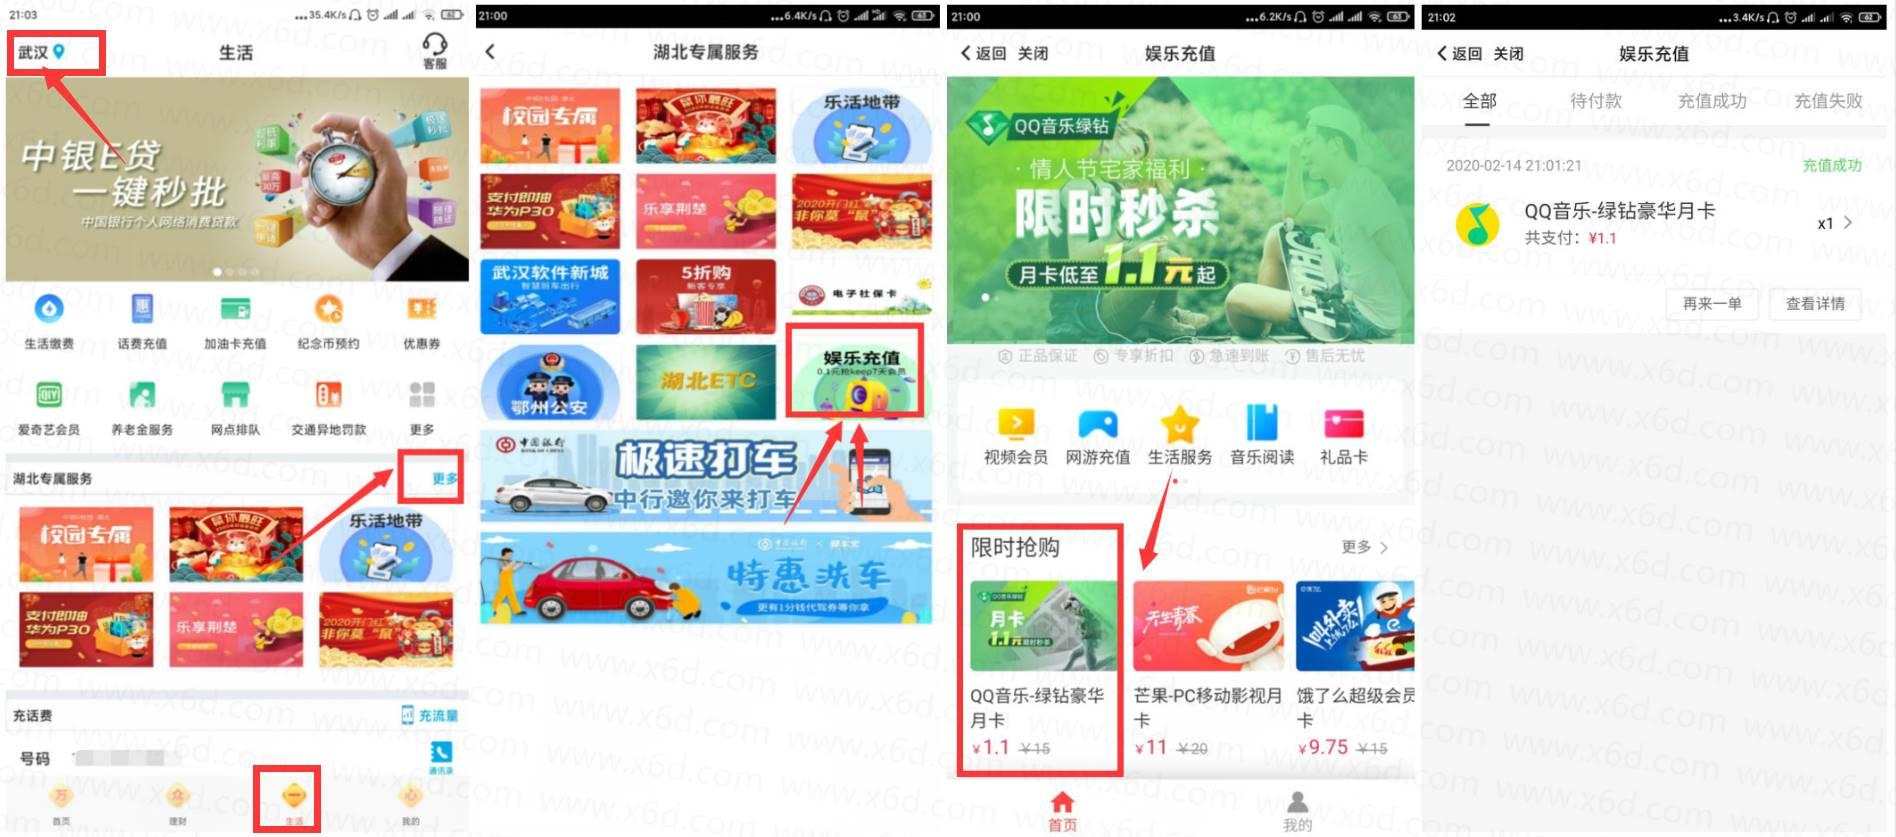 中国银行1.1元买豪华绿钻月卡